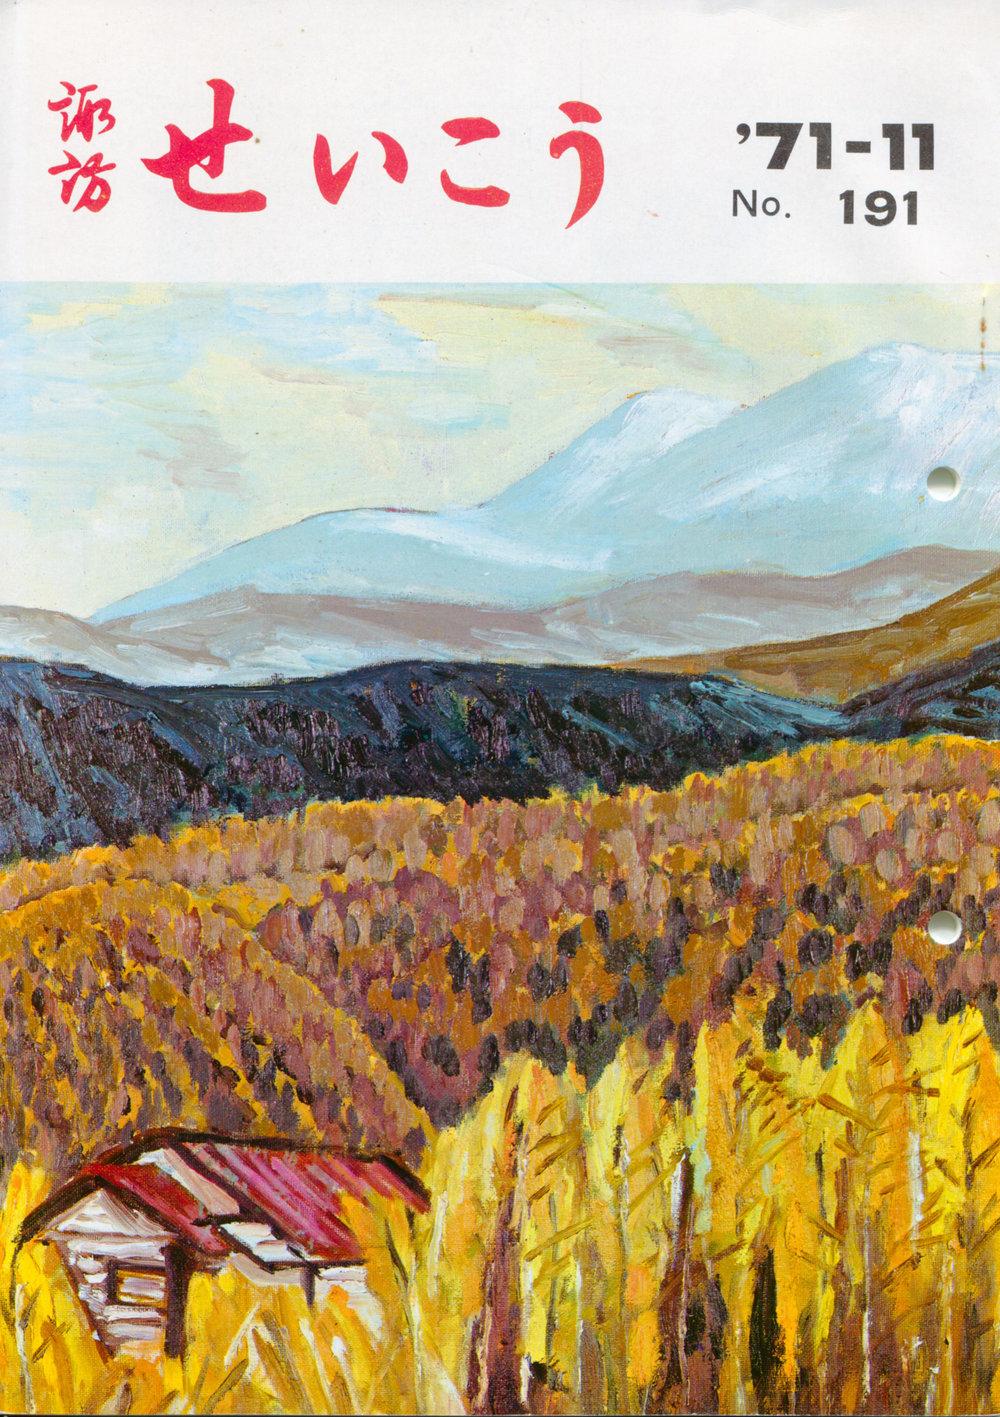 Cover - 1971 No. 11